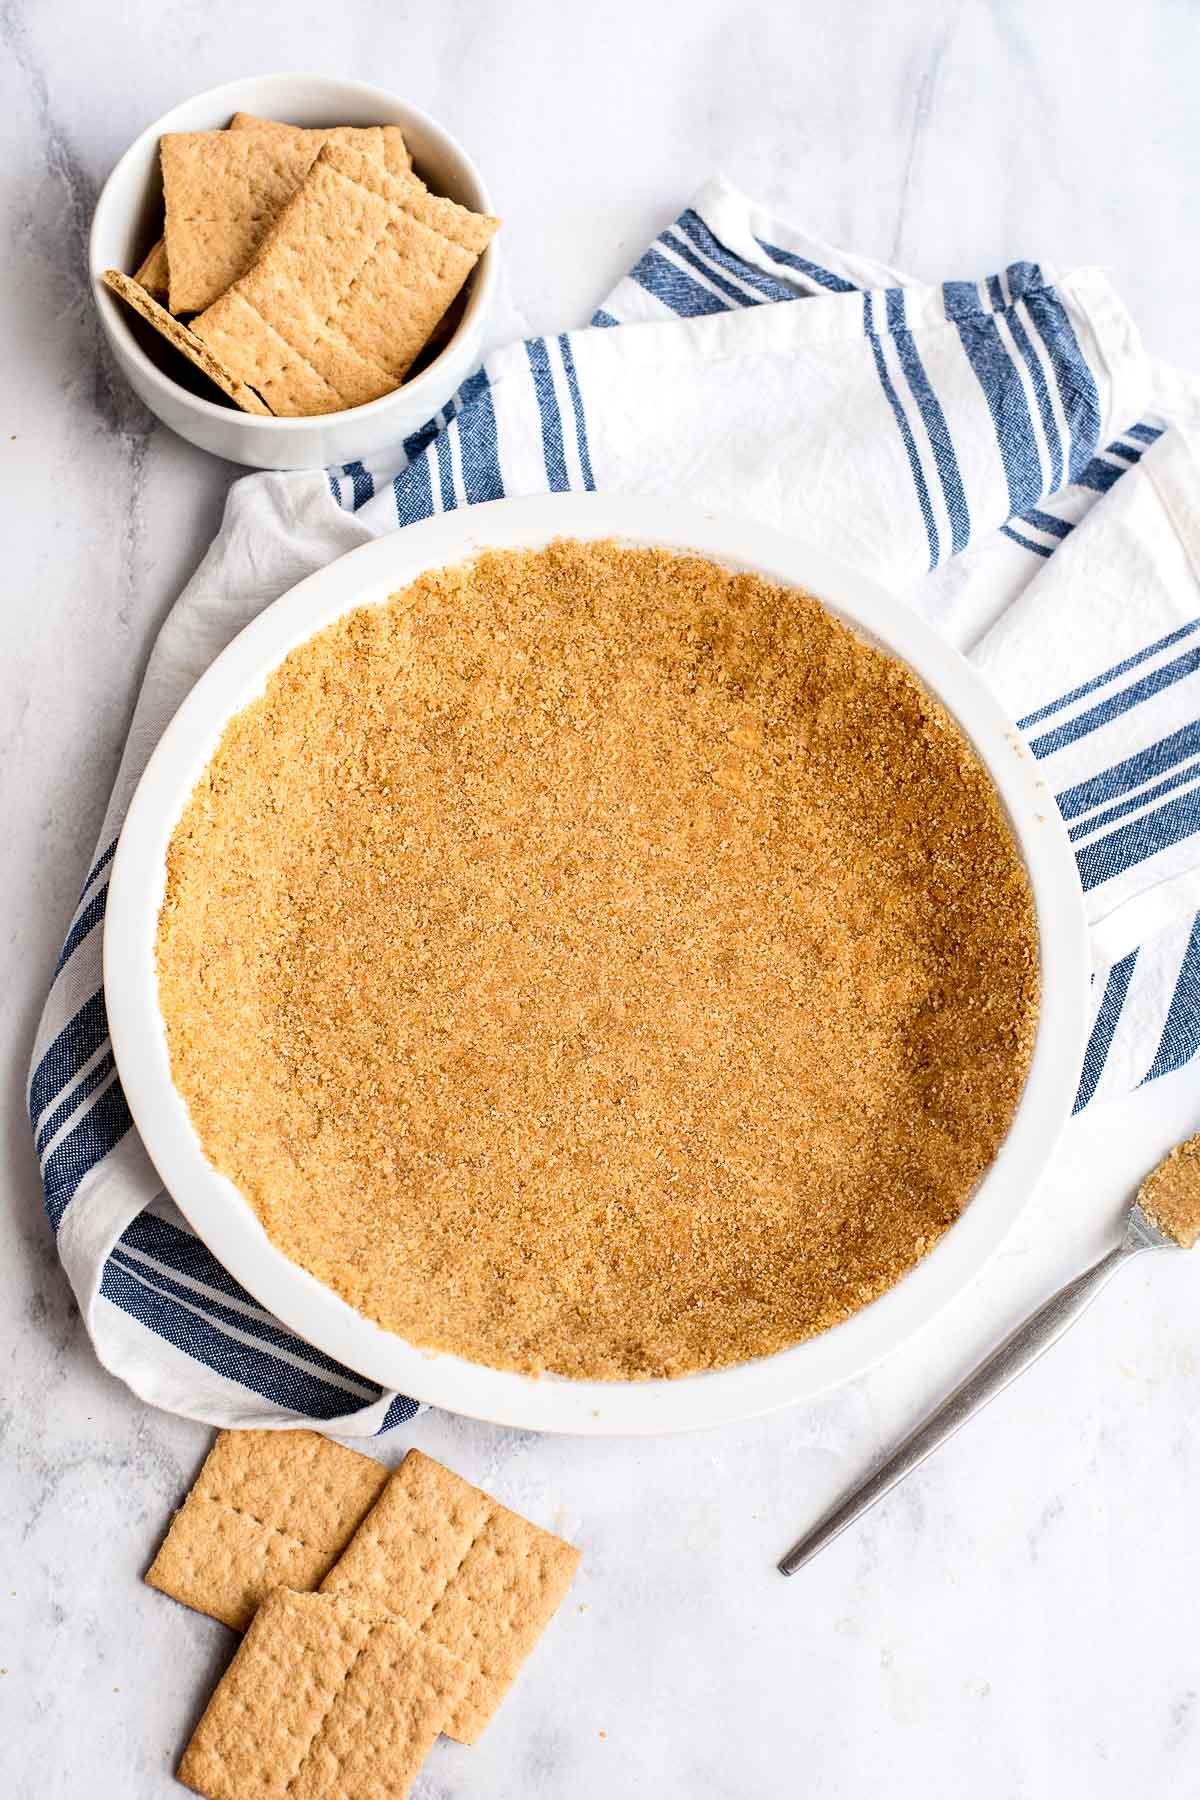 homemade graham cracker pie crust in white pie plate